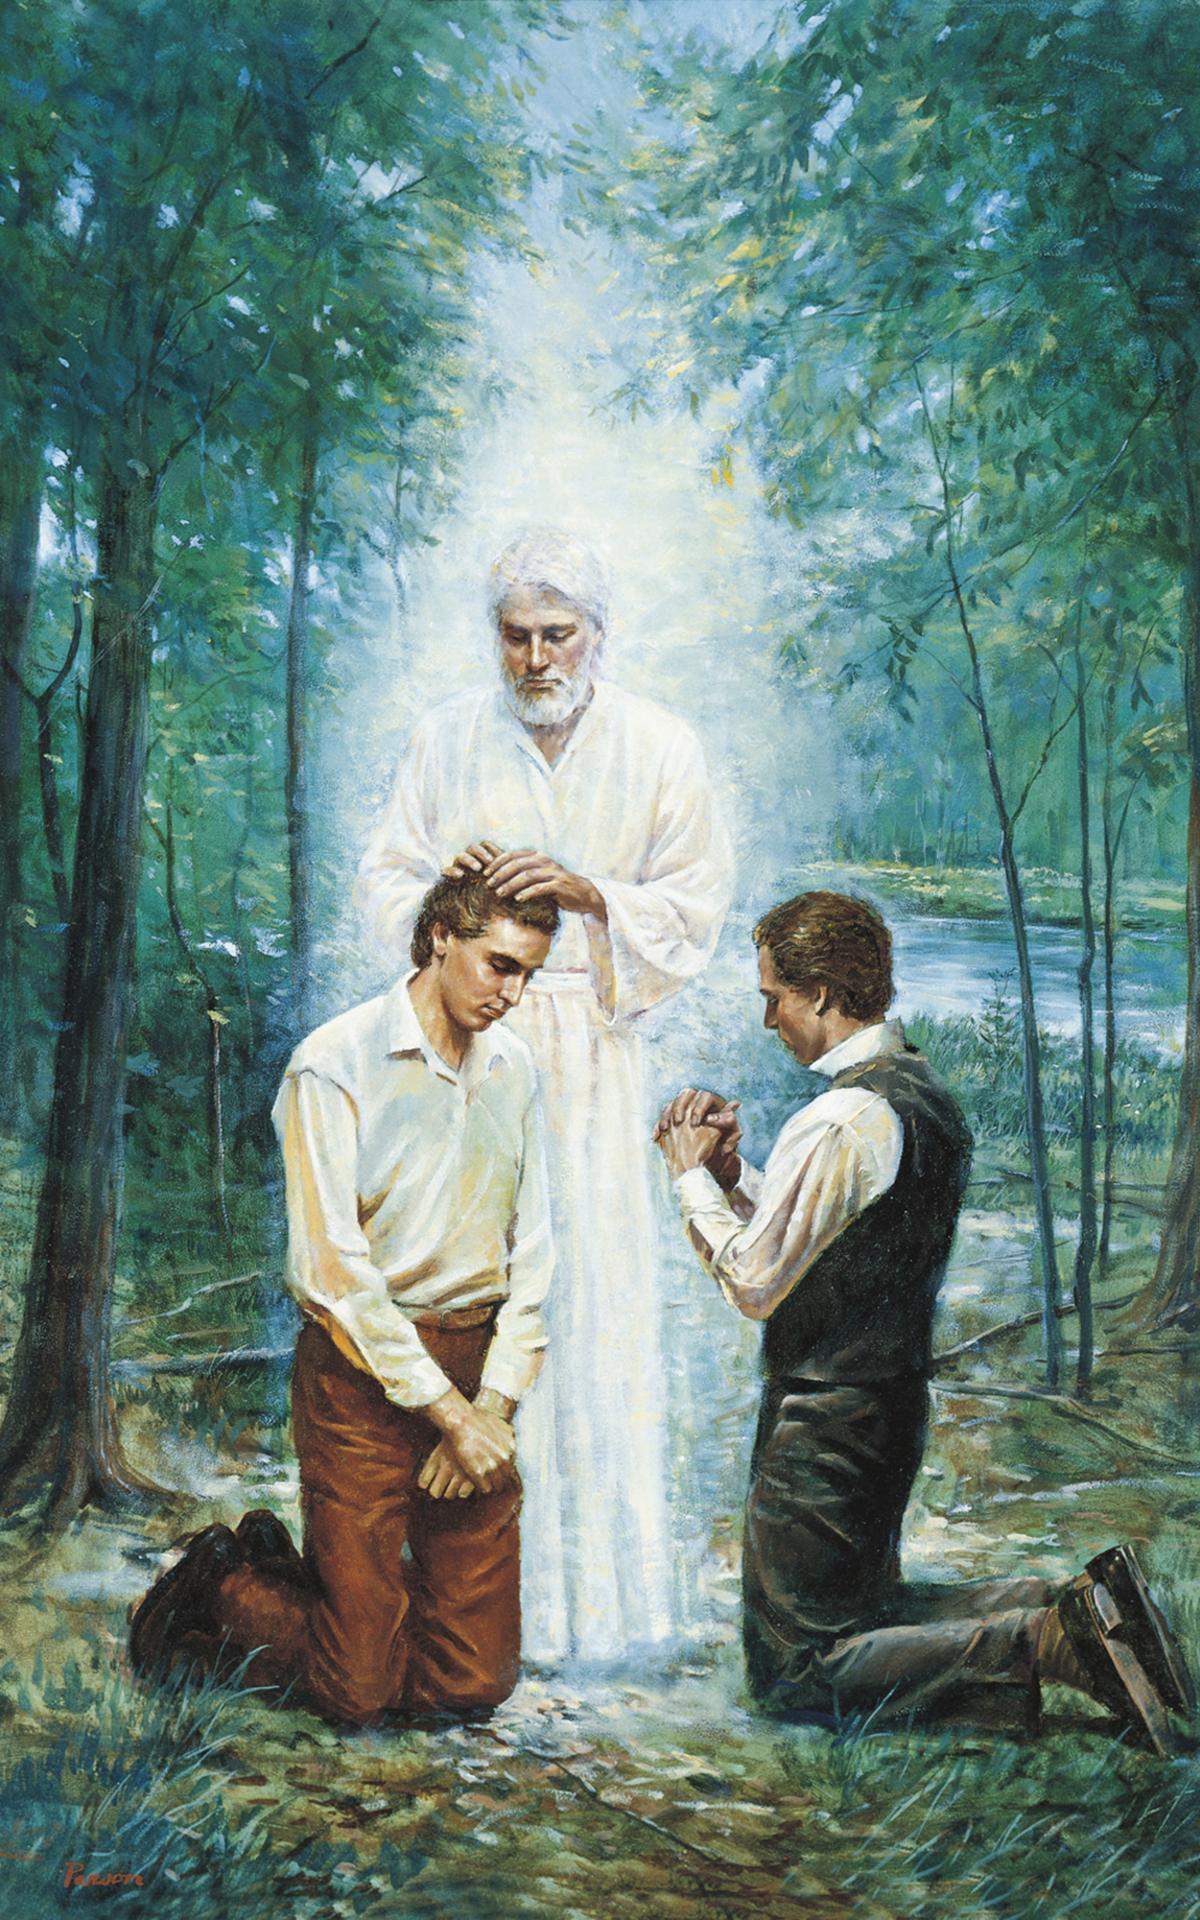 Gemälde von zwei betenden Männern und einem Engel der einem von ihnen die Hände auflegt